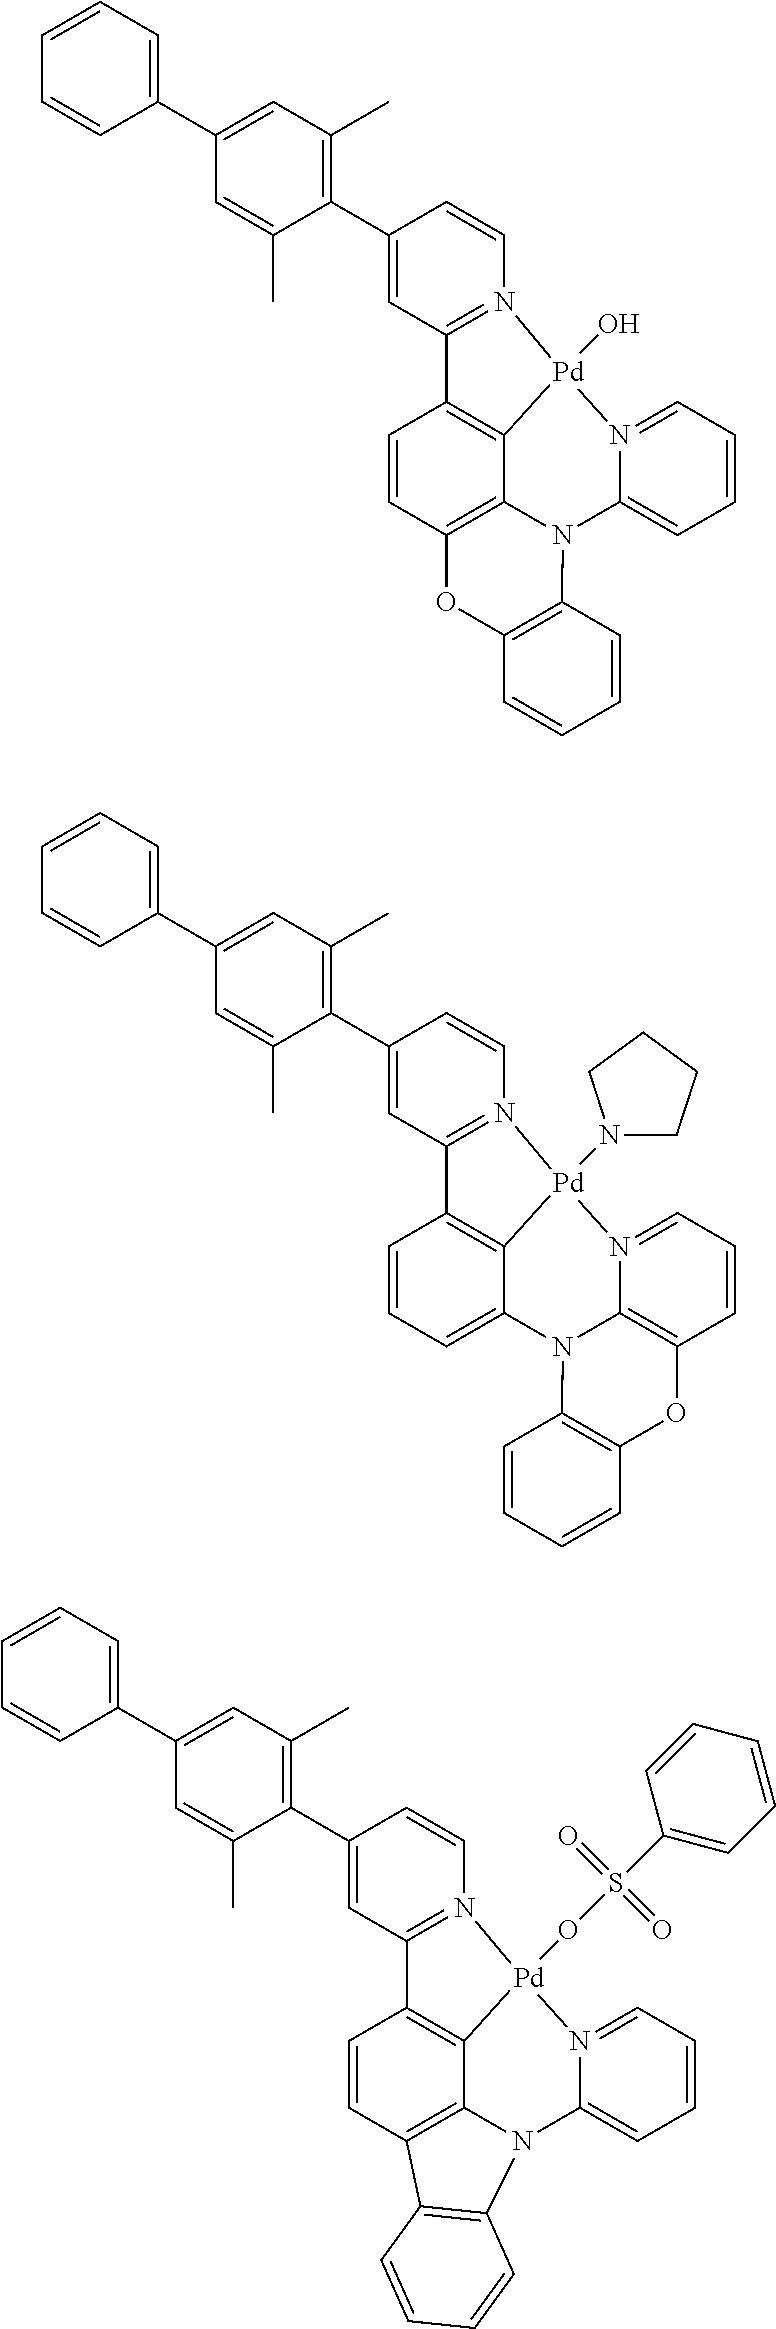 Figure US09818959-20171114-C00210